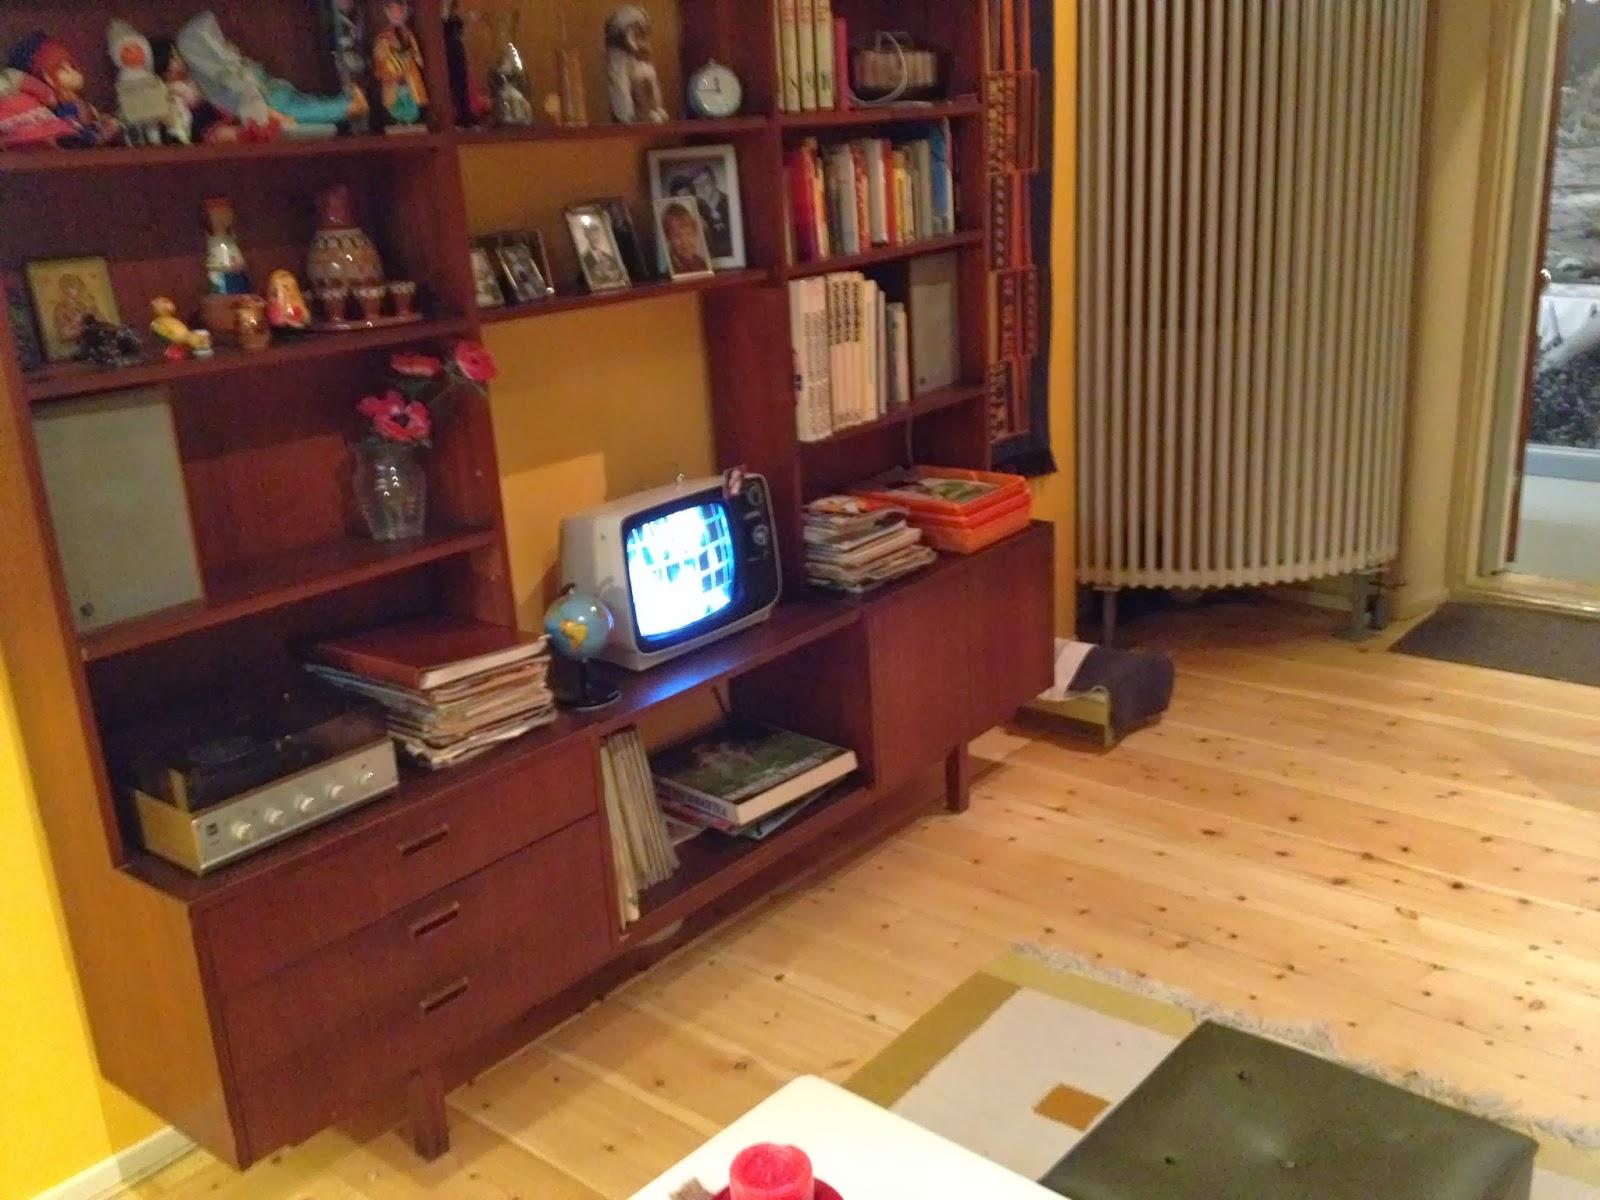 lasten kaupunki sederholmin talo Viitasaari